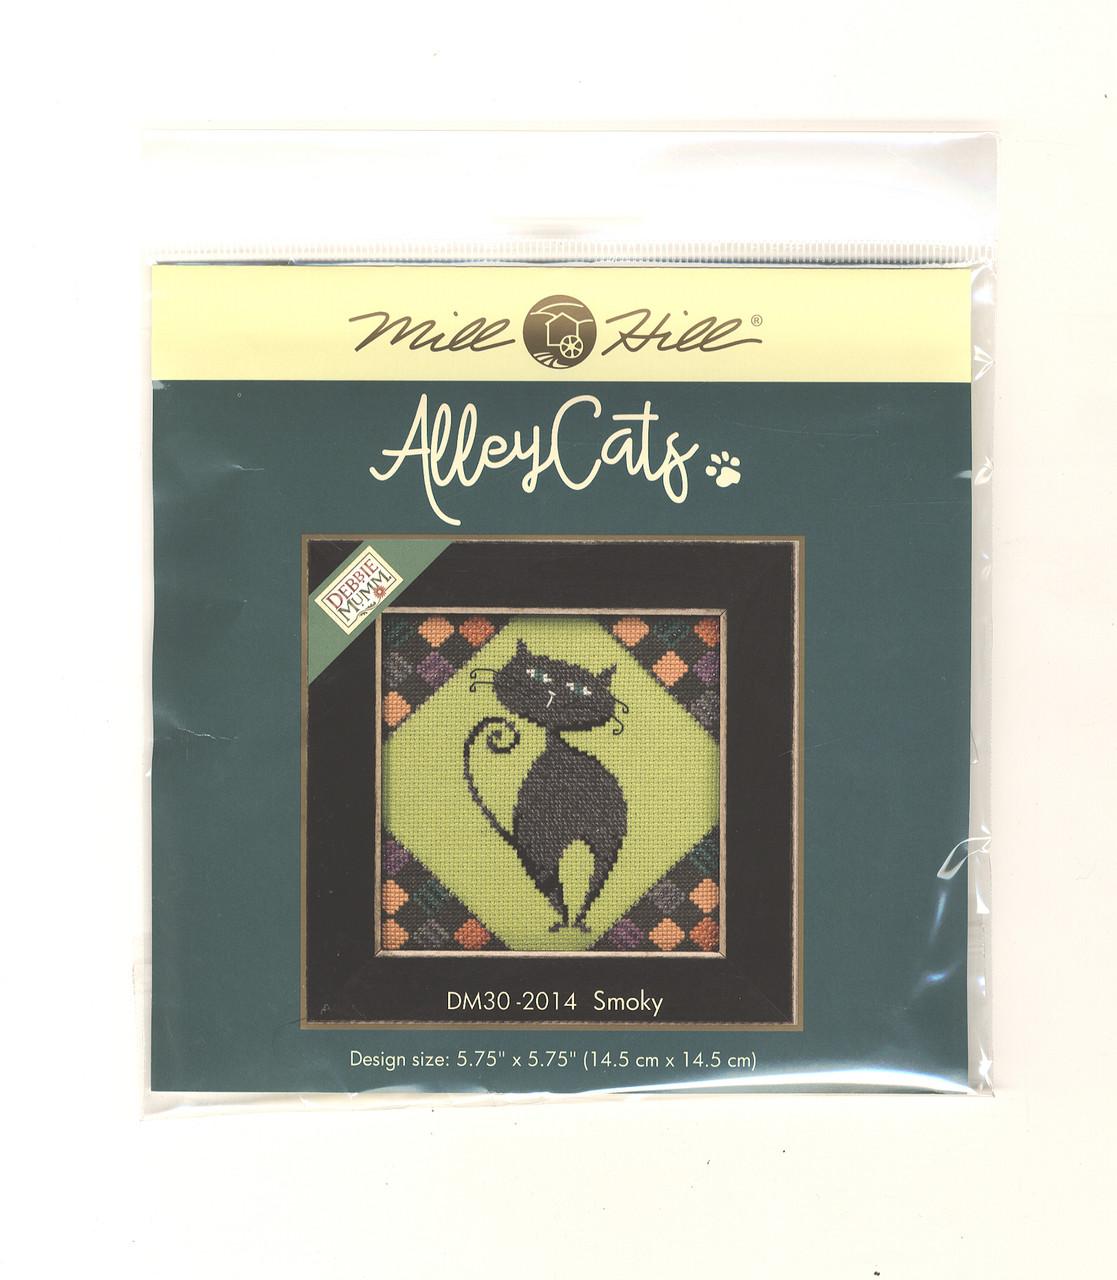 Mill Hill / Debbie Mumm Alley Cats Series (Set of 4 Kits)